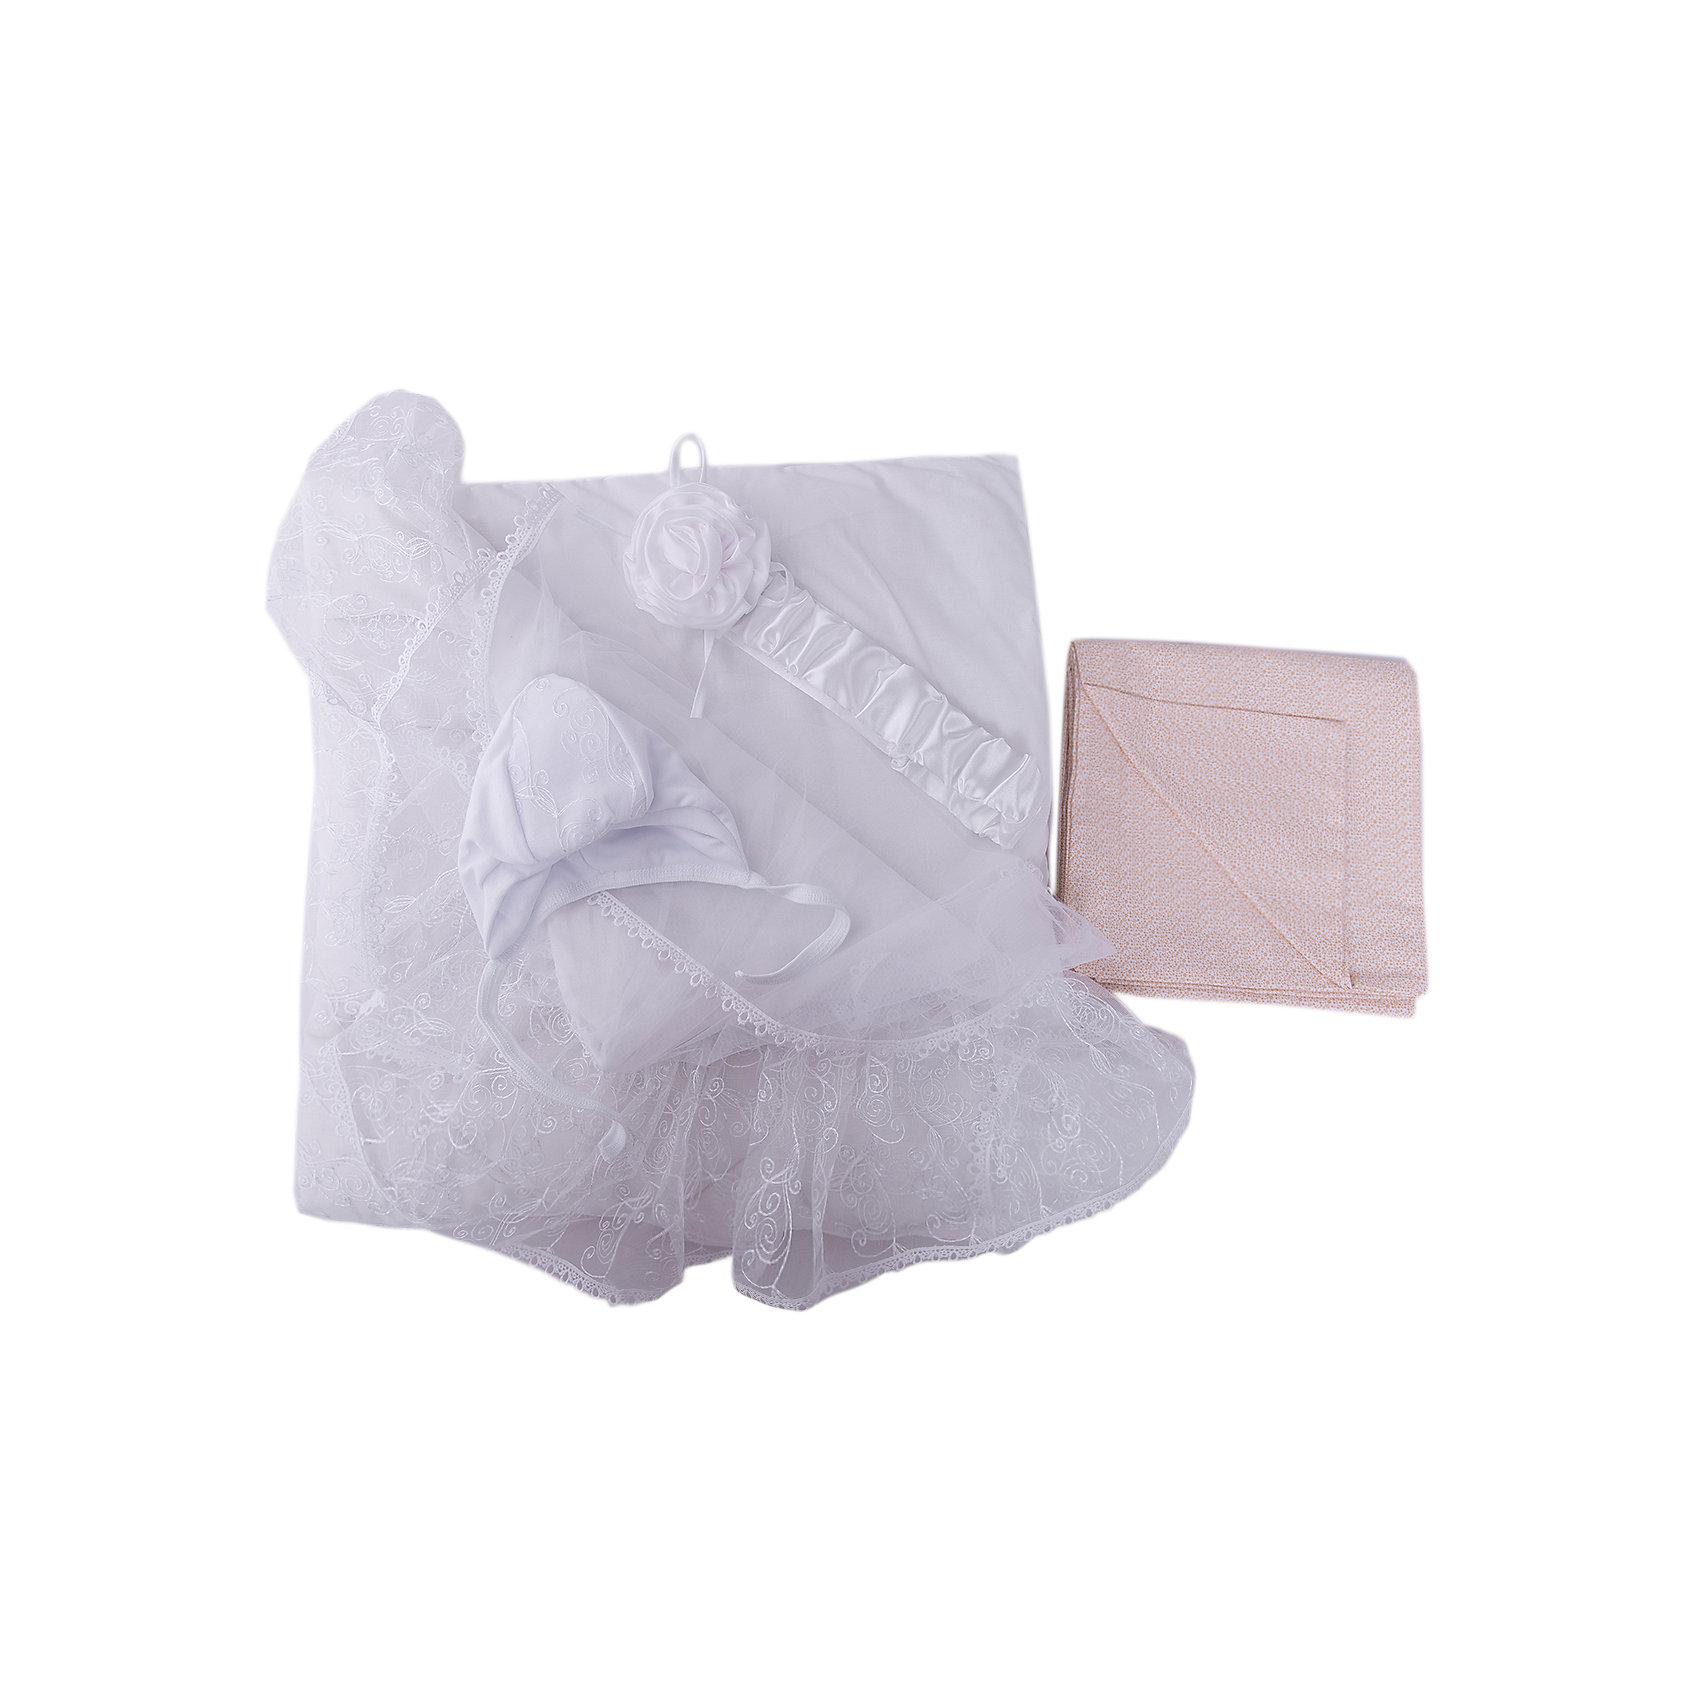 Комплект на выписку Диамант, 1715/0, Сонный ГномикКонверты на выписку<br>Комплектация: Одеяло стеганое кашемир (наполнитель 60% кашемир, 40% пэ 200г/кв.м.), пододеяльник кружевной с вуалью и кружевом (100% ПЭ), сменный пододеяльник из сатина (100% хлопок), утепленная шапочка с кружевной отделкой (100% хлопок, наполнитель 100% ПЭ, 100г/кв.м), пояс на резинке (100% ПЭ)<br>Размер, см: 105х105<br>Температурный режим, °С: От 10 до -10<br>Сезонность: Зима, весна, осень<br><br>Ширина мм: 45<br>Глубина мм: 10<br>Высота мм: 60<br>Вес г: 700<br>Возраст от месяцев: 0<br>Возраст до месяцев: 36<br>Пол: Унисекс<br>Возраст: Детский<br>SKU: 5454109